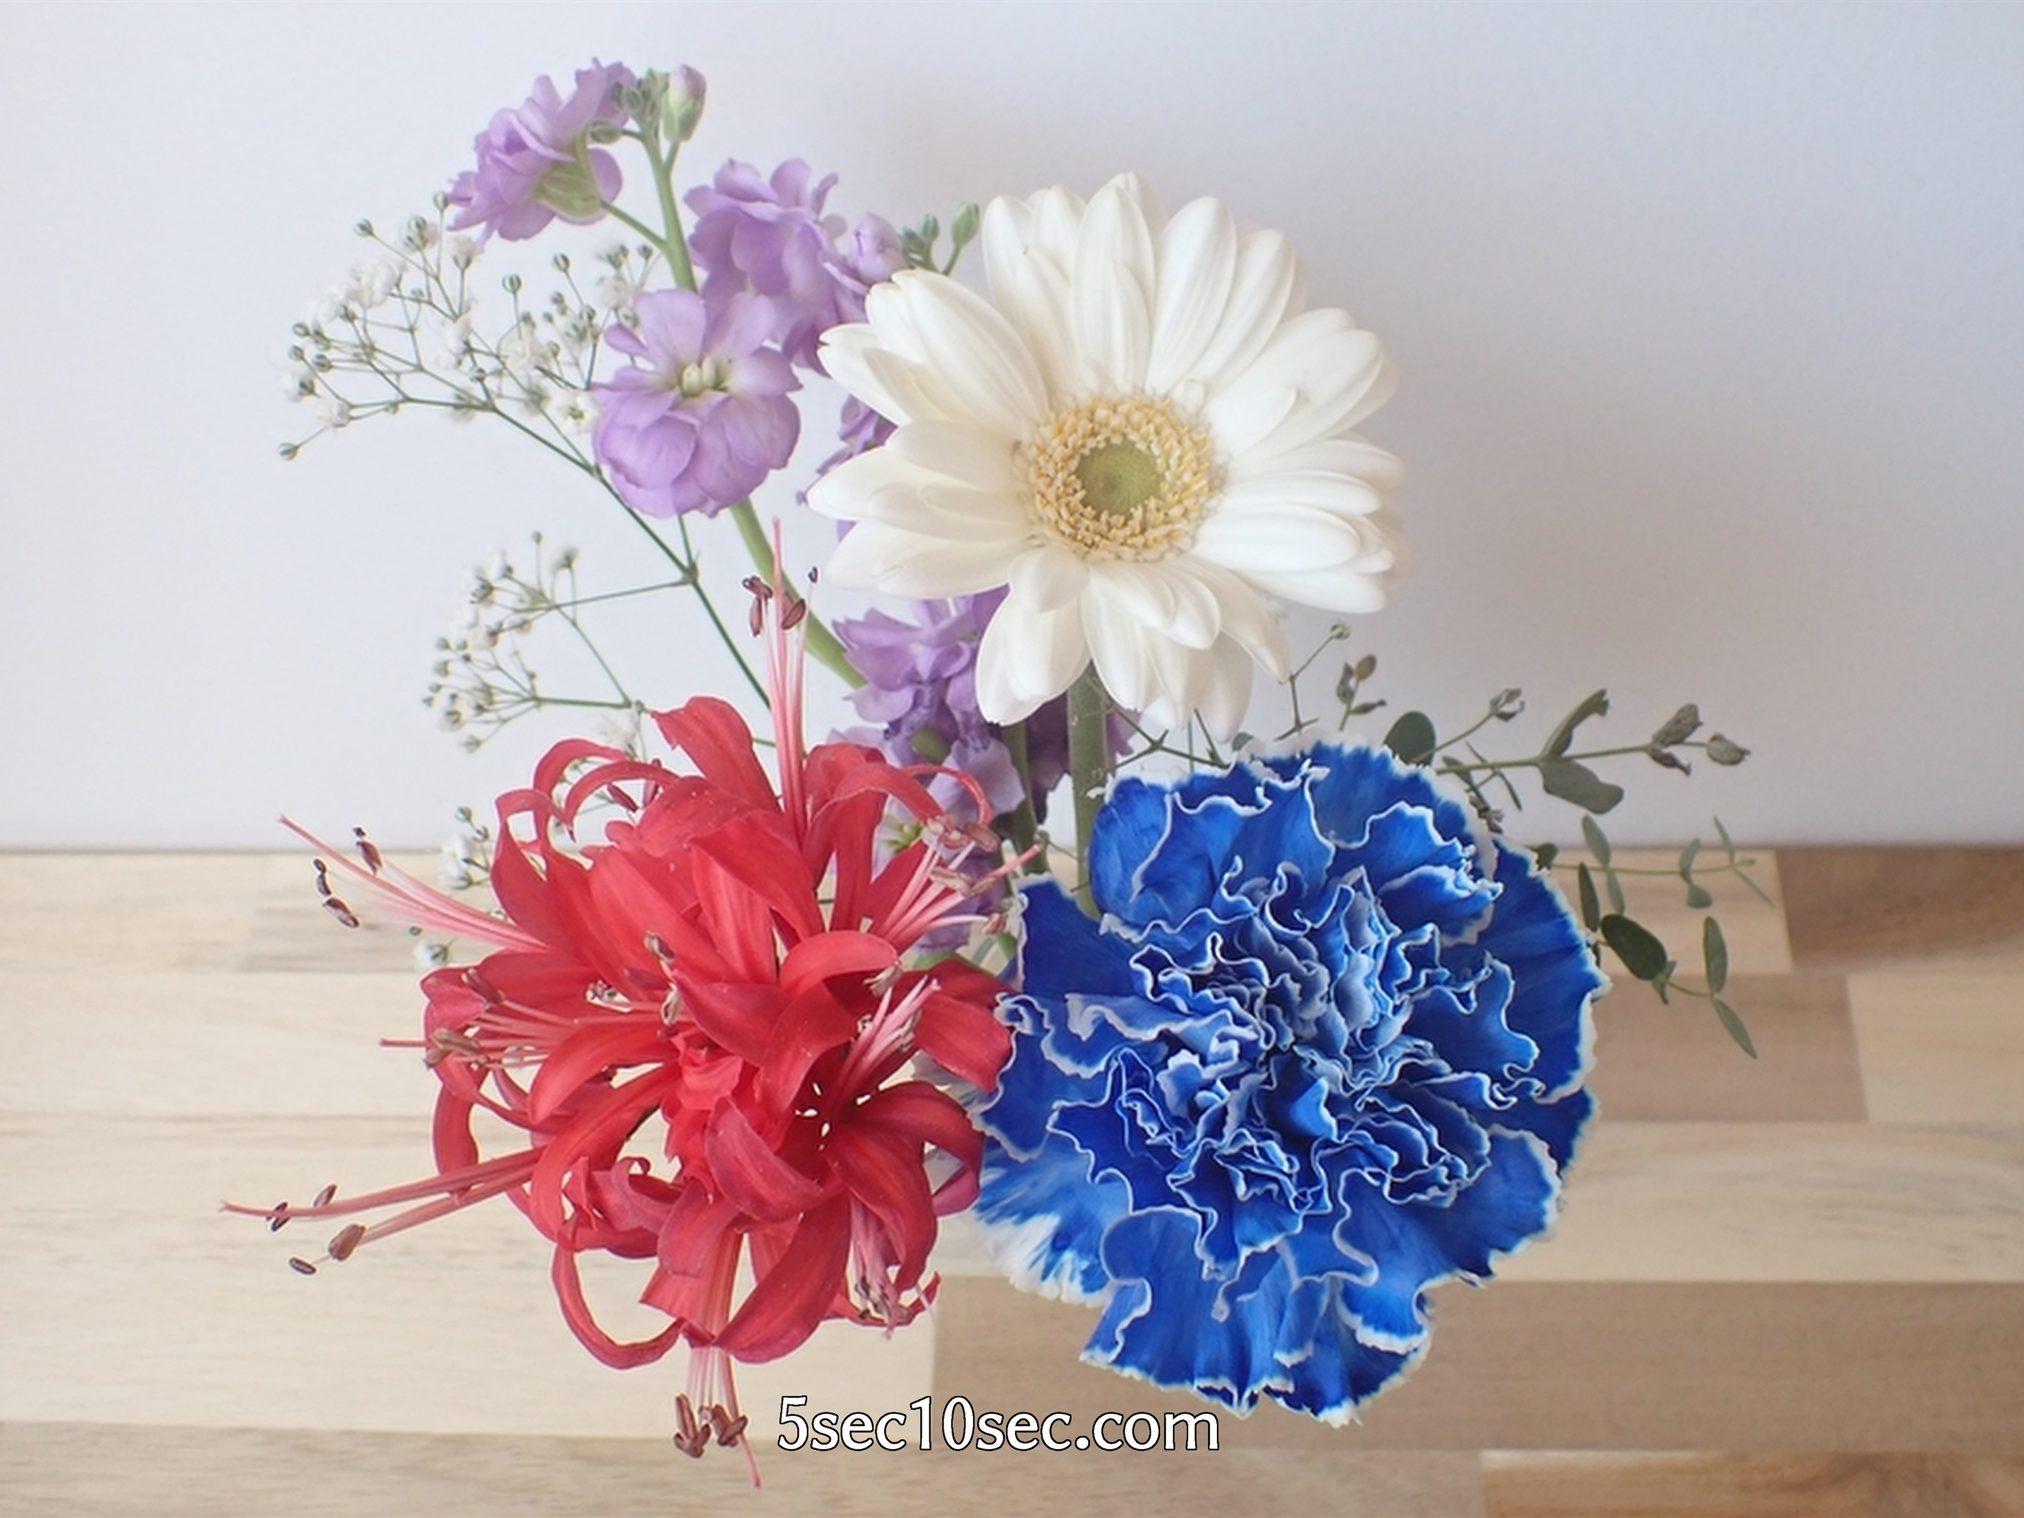 株式会社Crunch Style お花の定期便 Bloomee LIFE ブルーミーライフ 800円のレギュラープラン 届いてから5日目の写真です、どのくらい持つのかというとお手入れをしていれば2週間くらいは持ちます